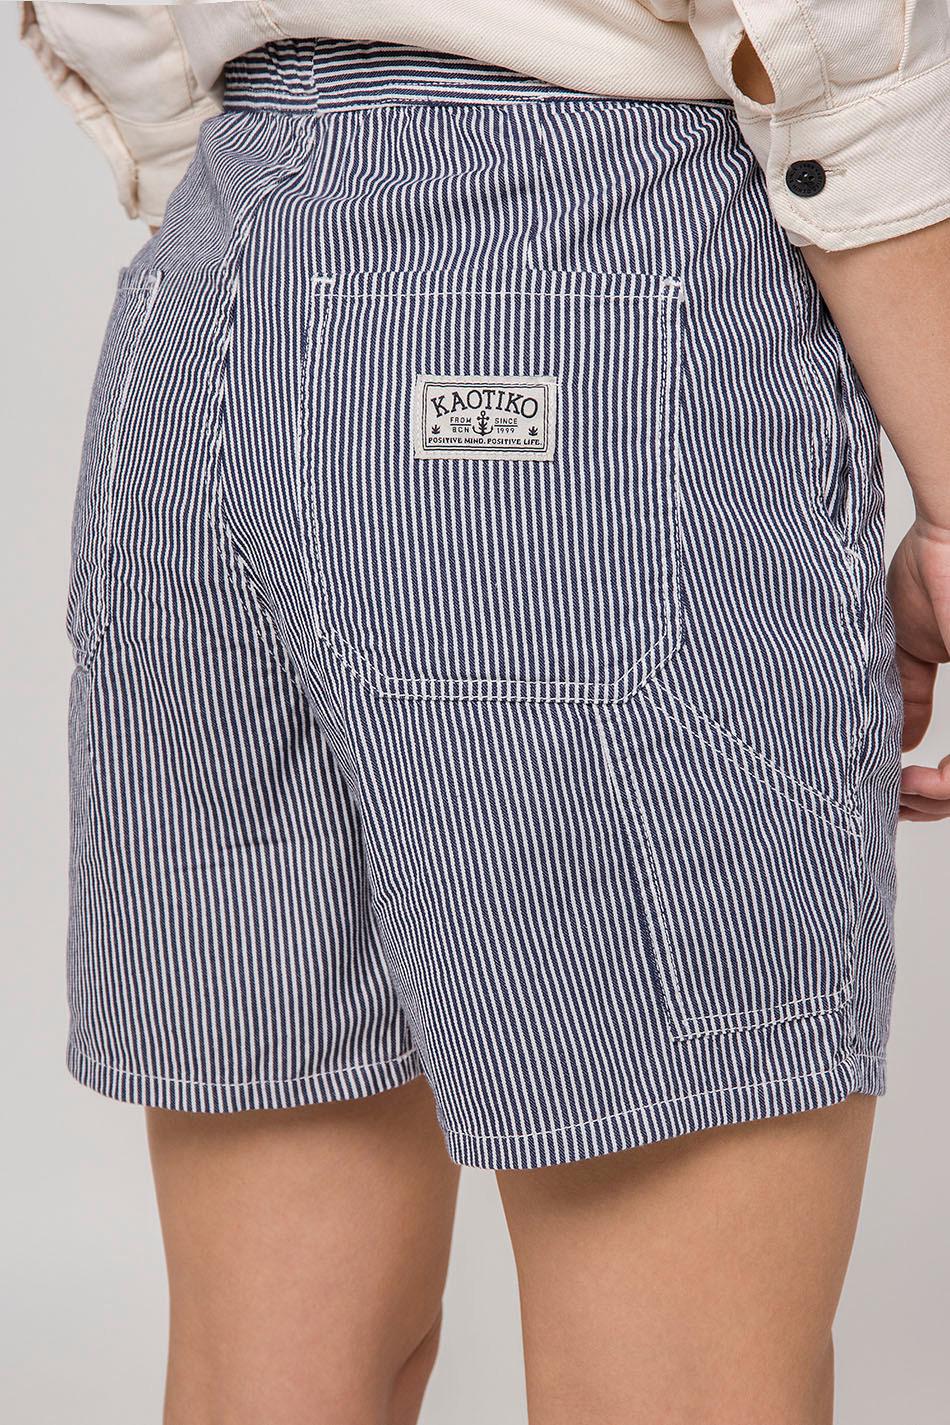 Carpenter Bermuda Stripes